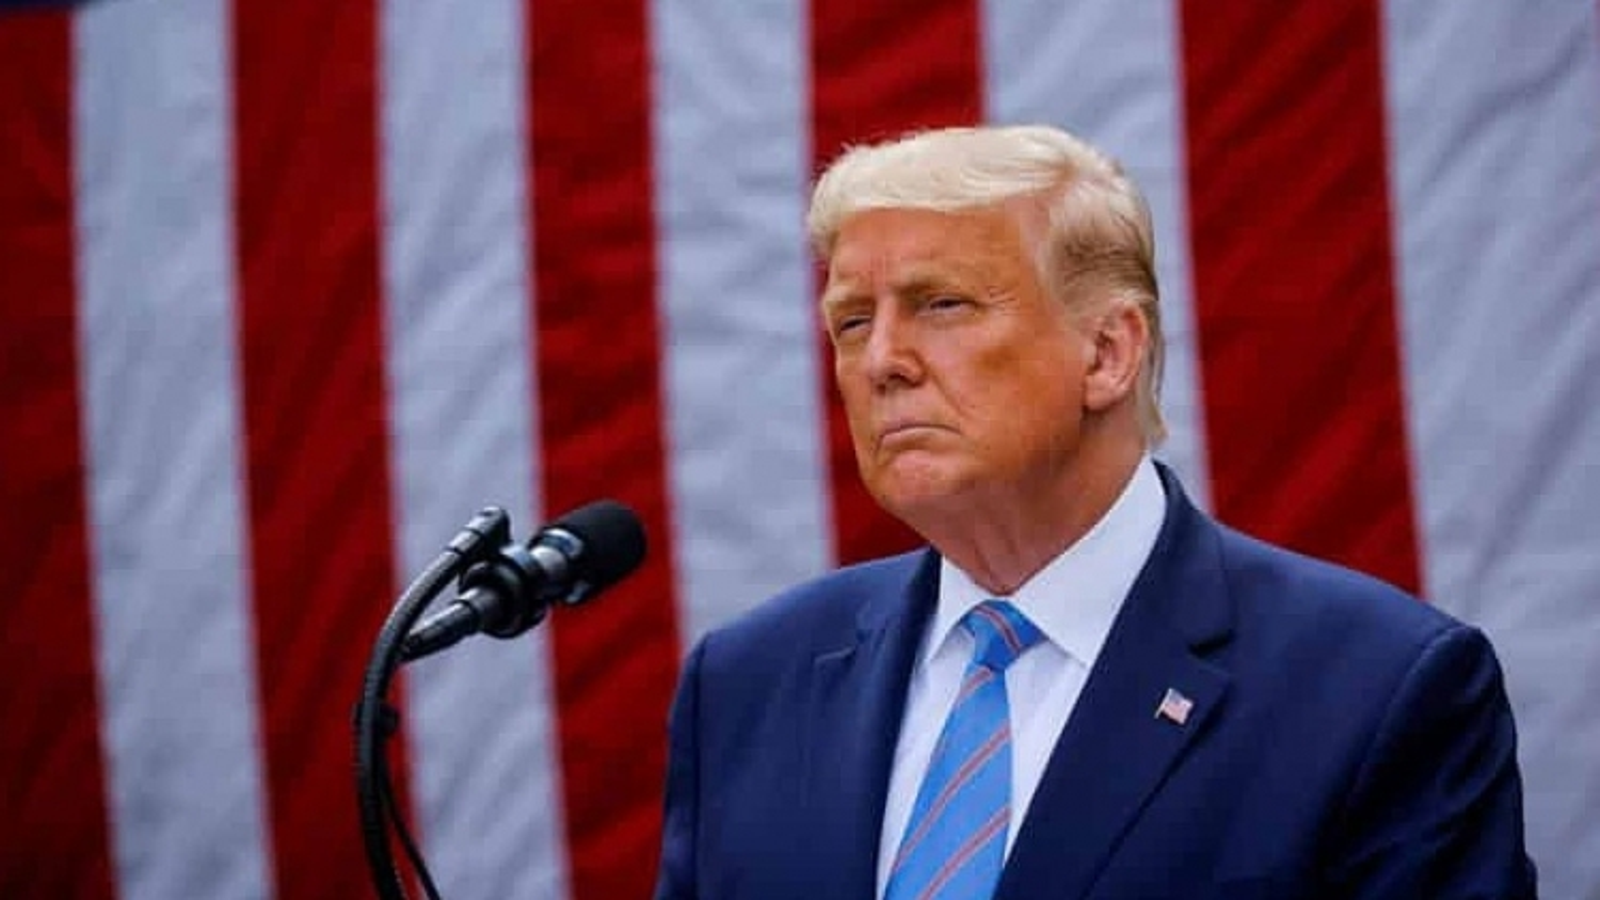 Lý giải nguyên nhân khiến ông Trump thất bại ở bầu cử Mỹ 2020